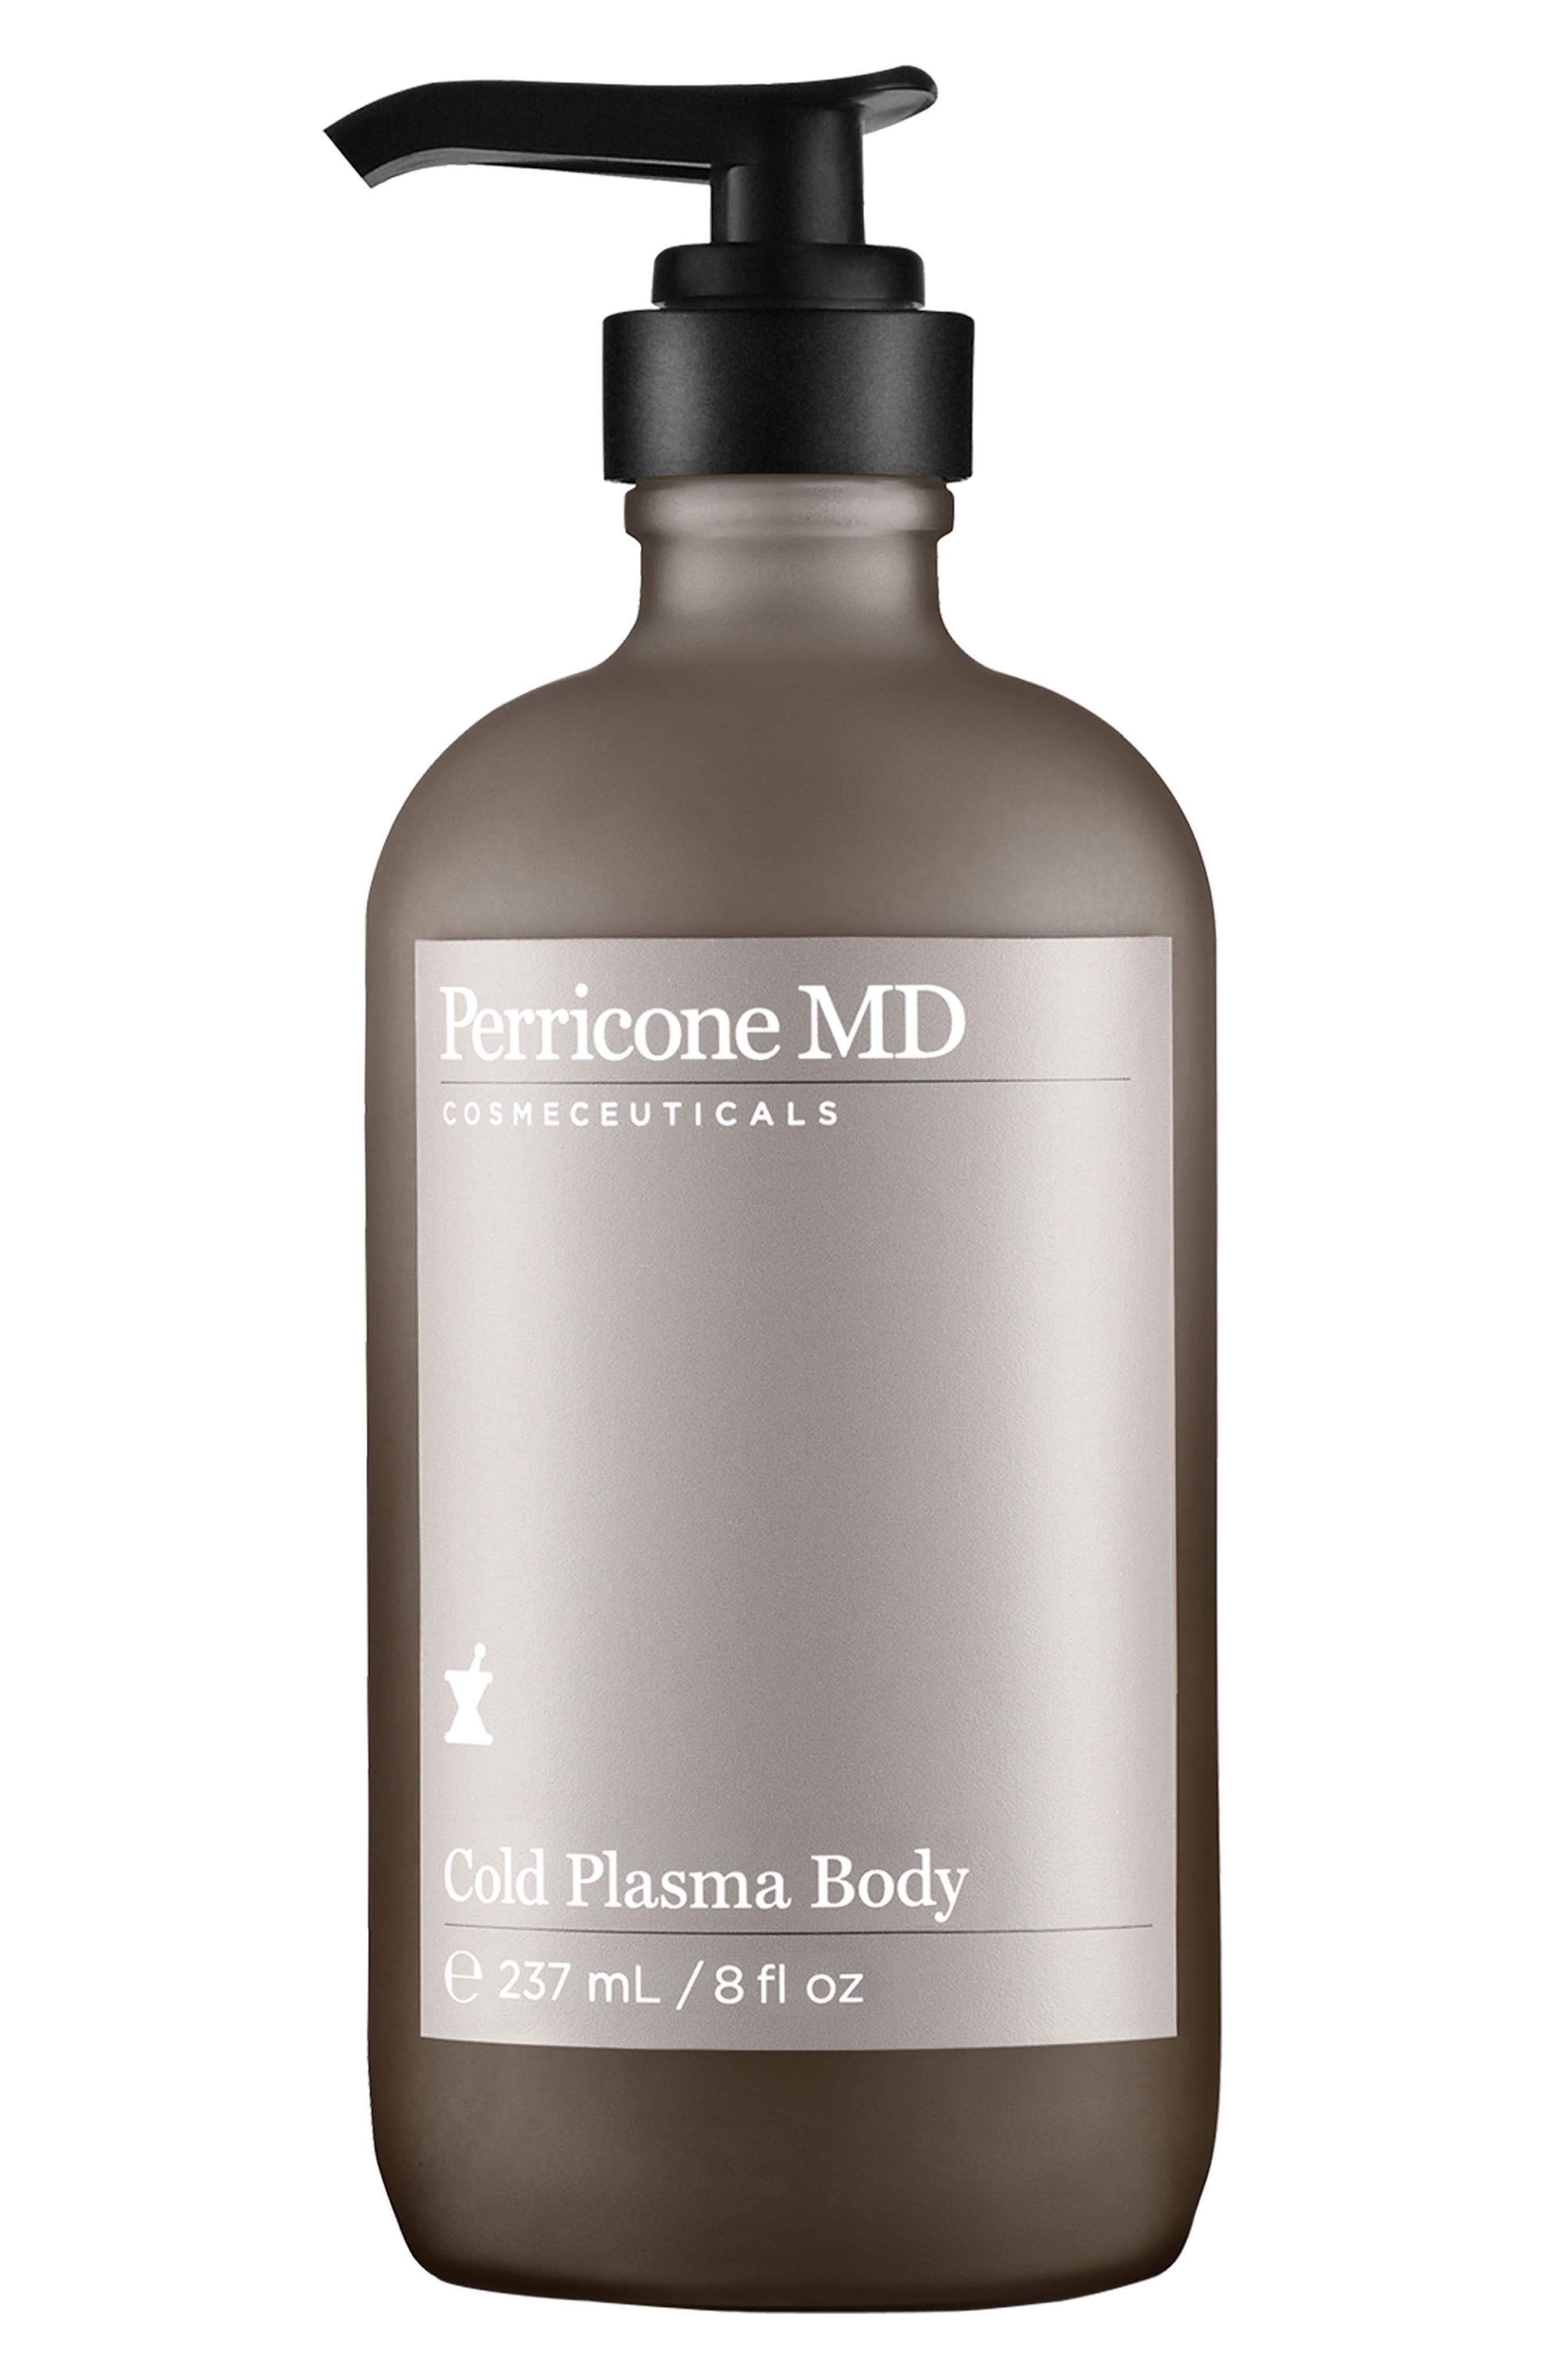 Perricone MD Cold Plasma Body